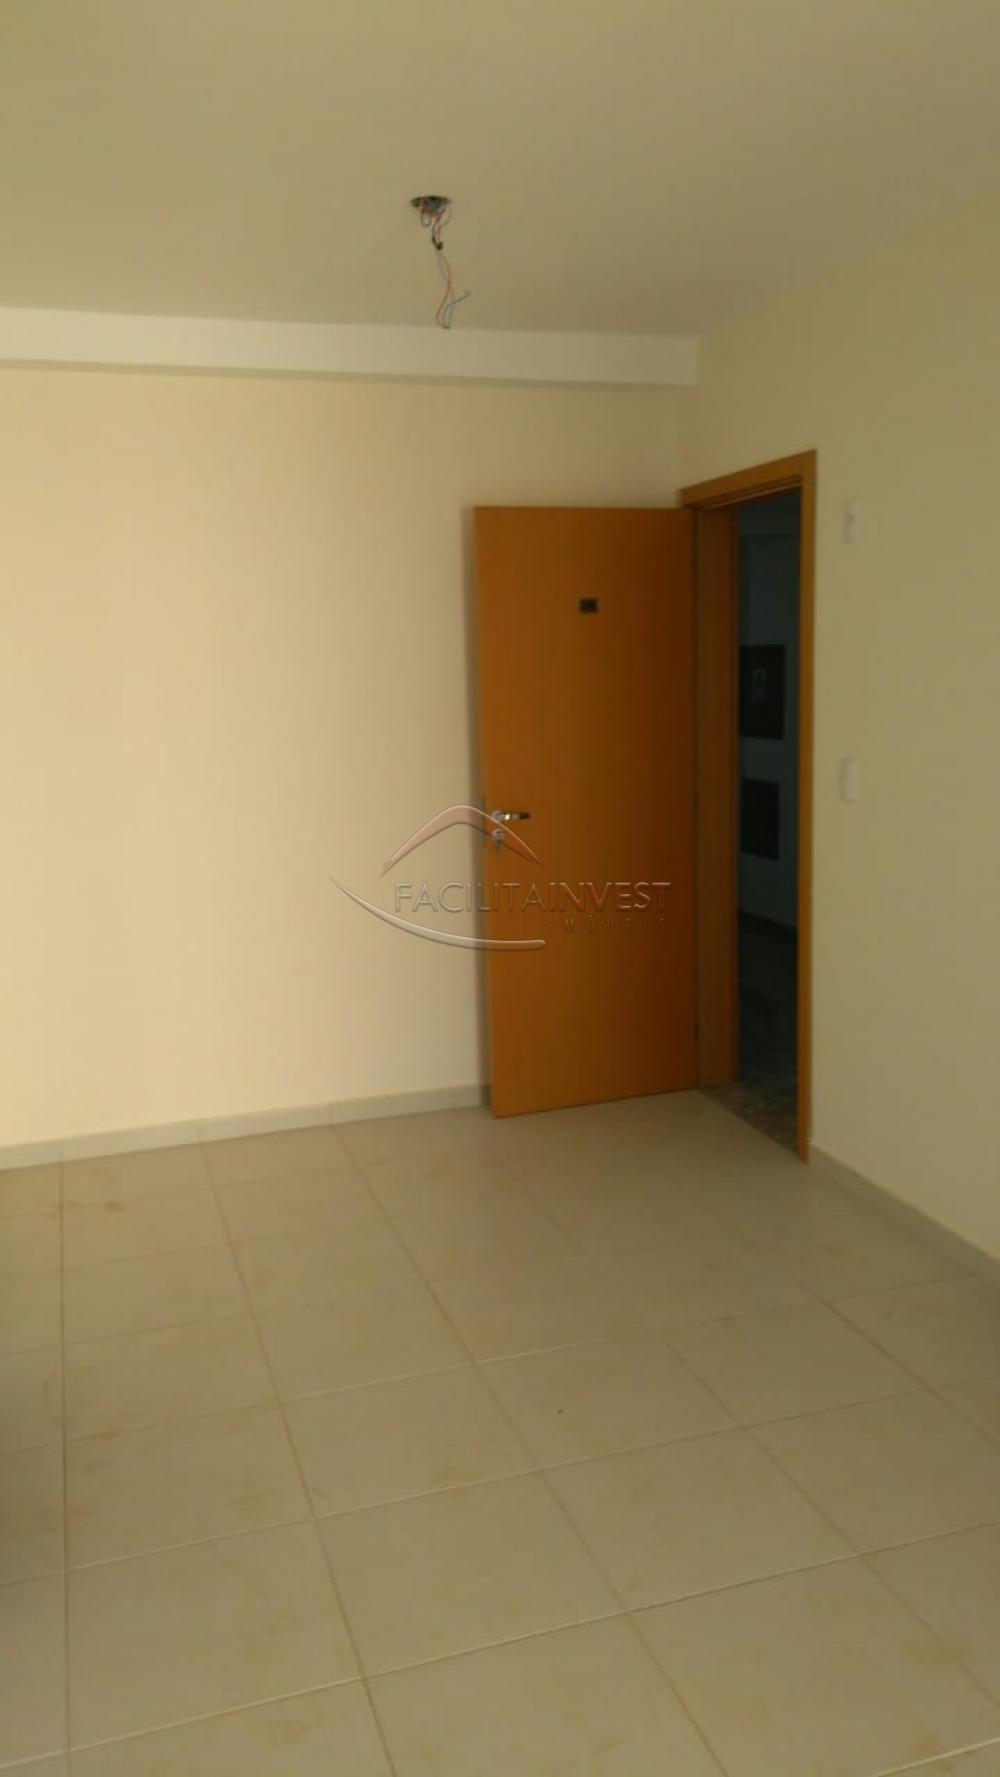 Comprar Lançamentos/ Empreendimentos em Construç / Apartamento padrão - Lançamento em Ribeirão Preto apenas R$ 216.000,00 - Foto 3